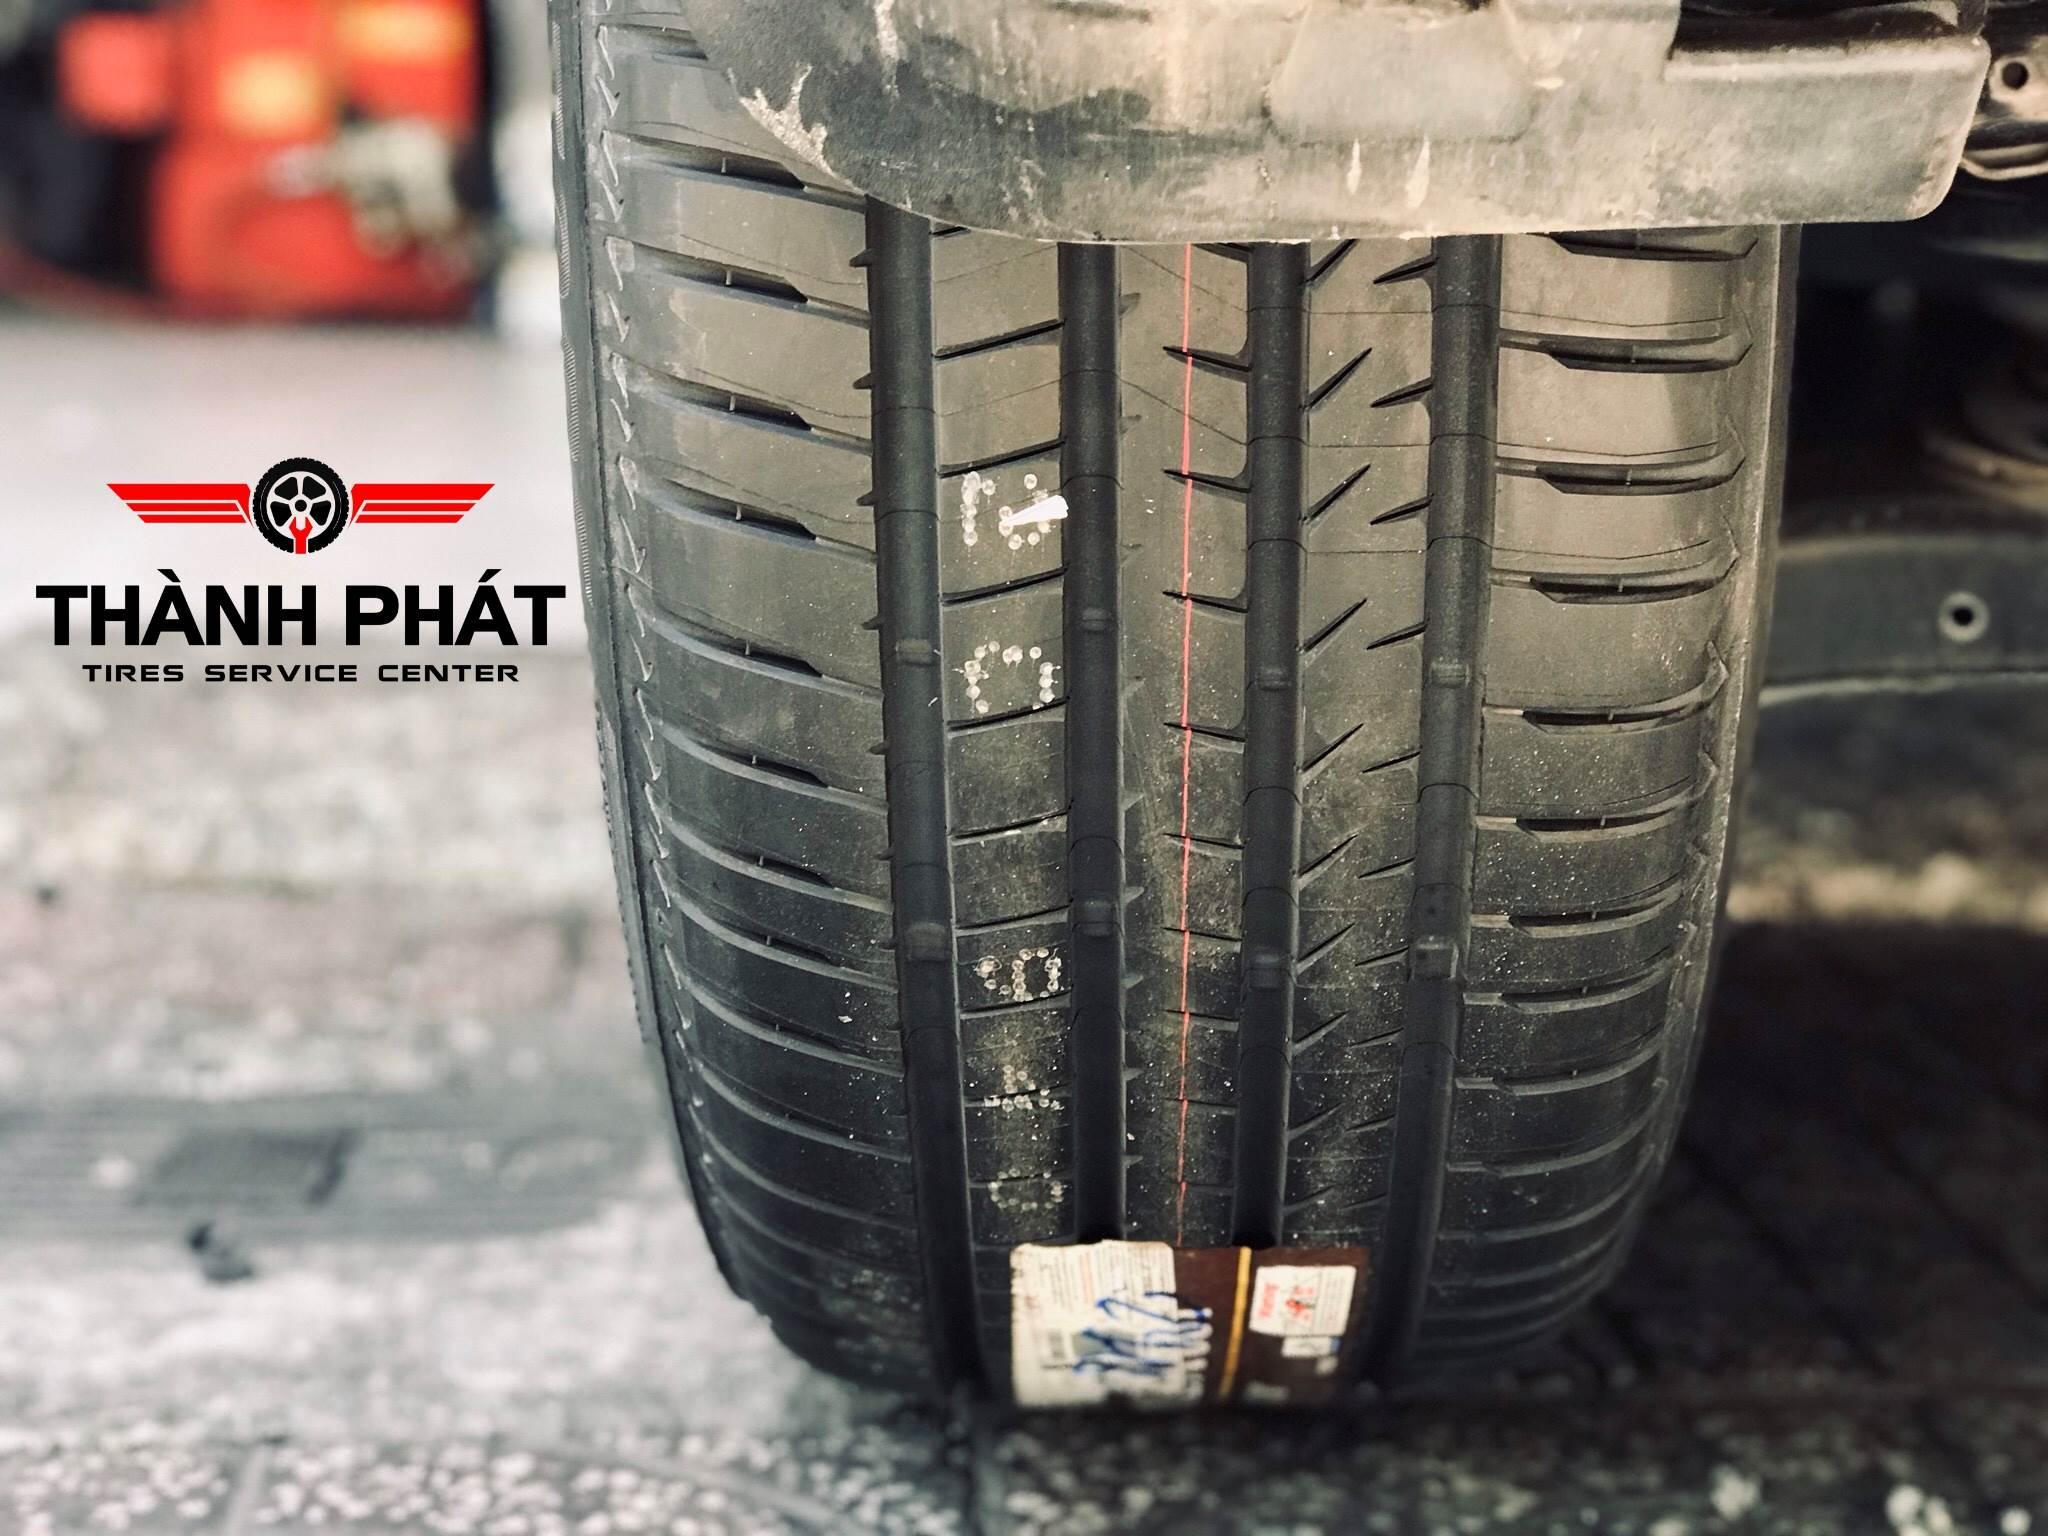 🎩 Là dòng lốp cao cấp nhất hiện tại của #Bridgestone dành cho các dòng xe SUV & CUV, #Alenza là đáp ứng những nhu cầu của khách hàng về CHẤT LƯỢNG và độ ÊM ÁI 👍👍👍